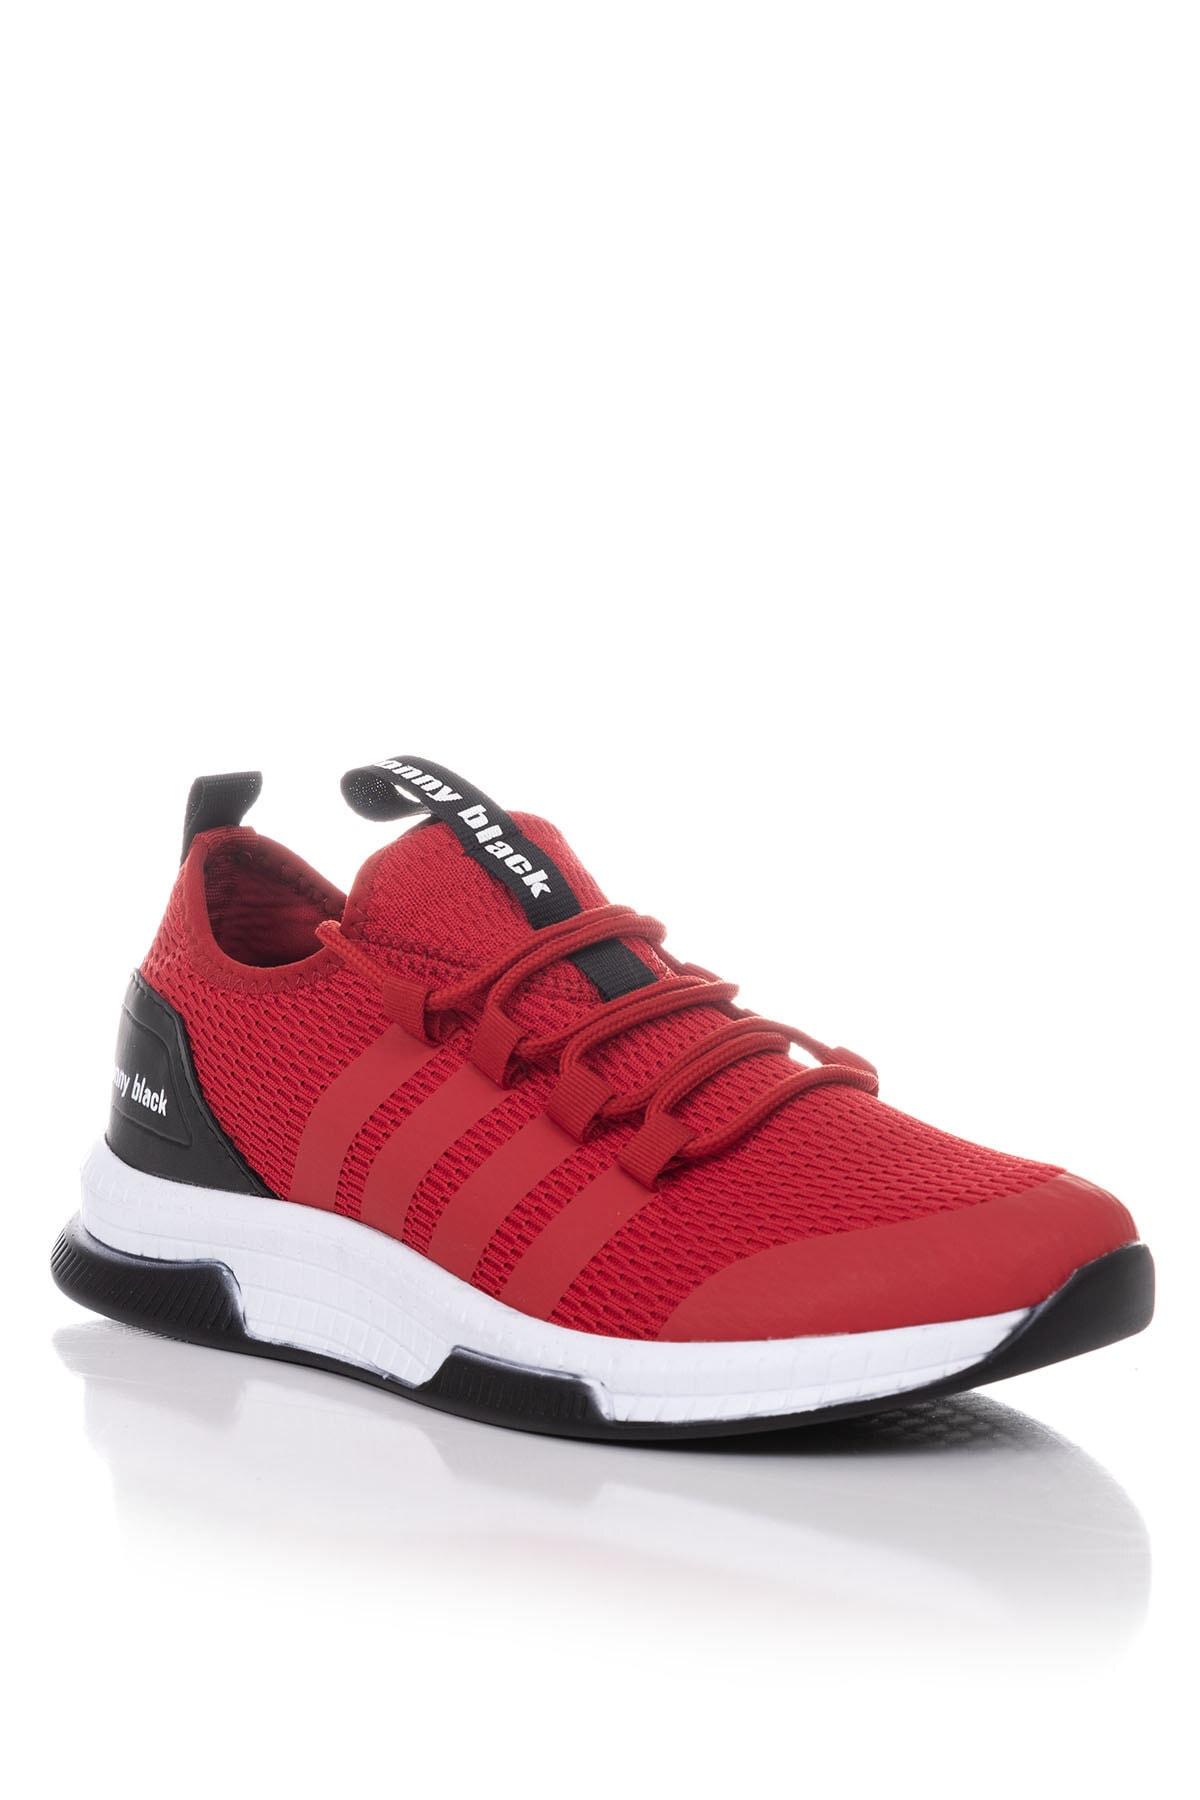 Tonny Black Unısex Kırmızı Spor Ayakkabı Tbqnt 1